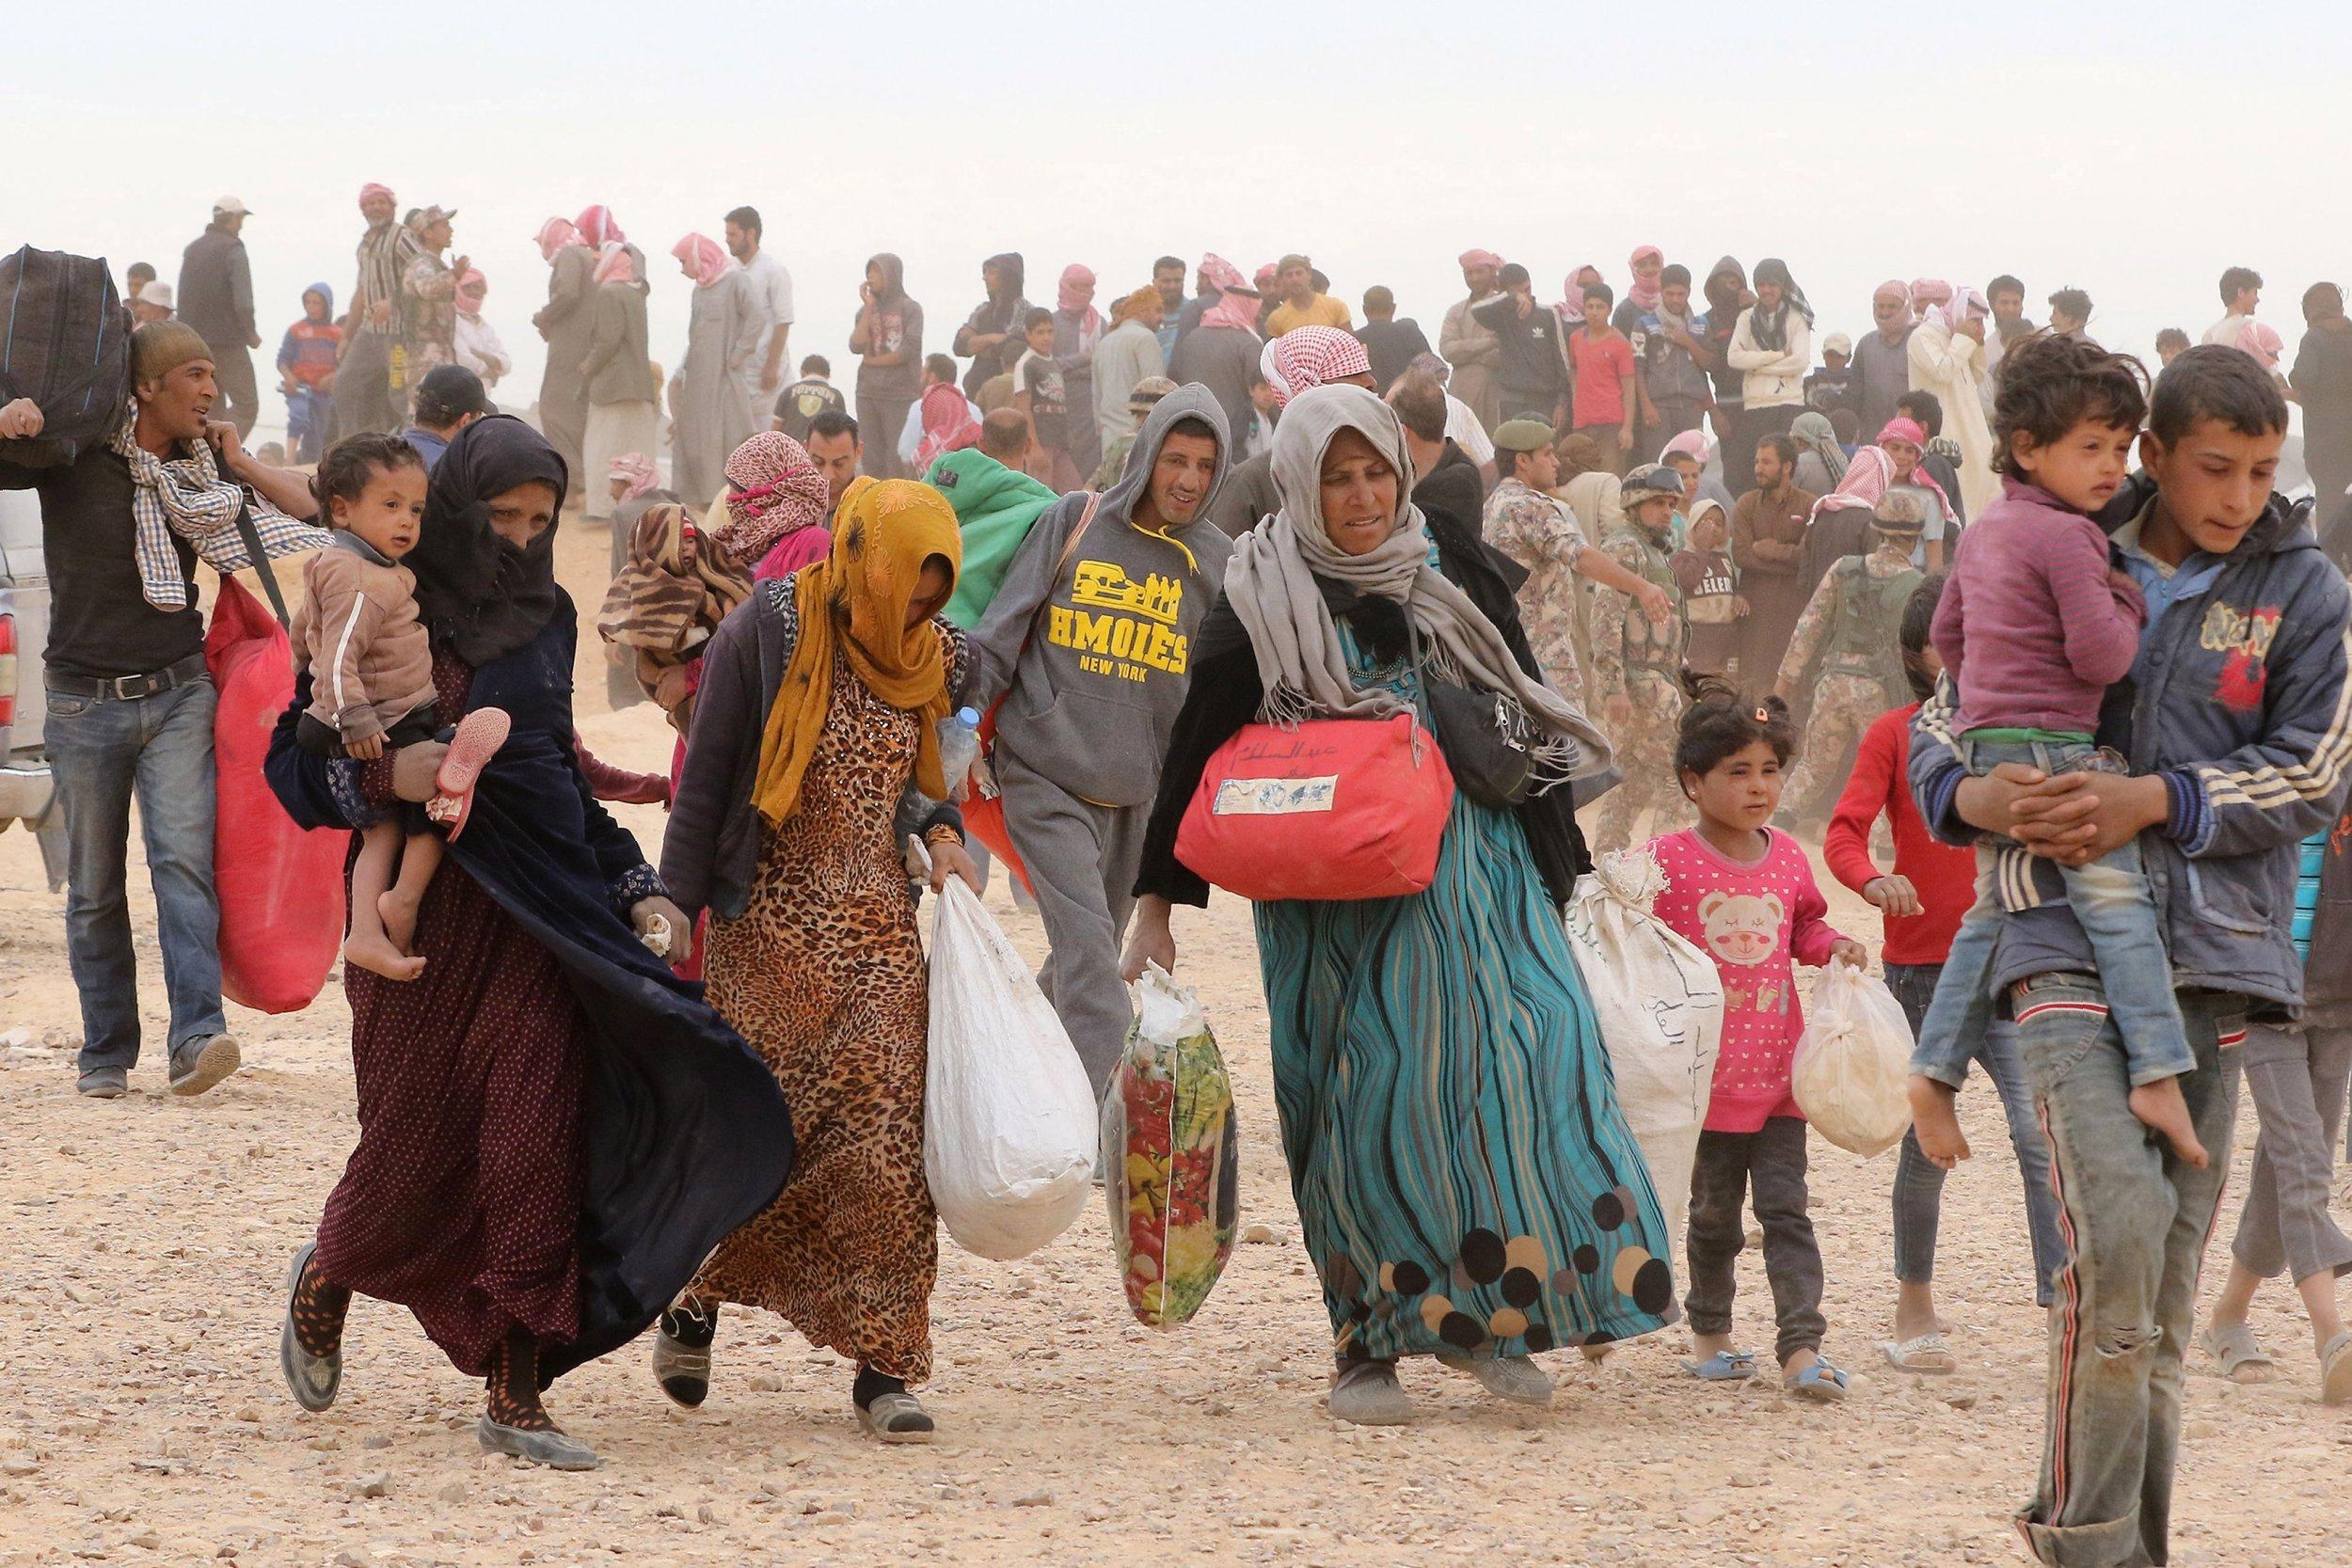 Syrian Refugees in the desert